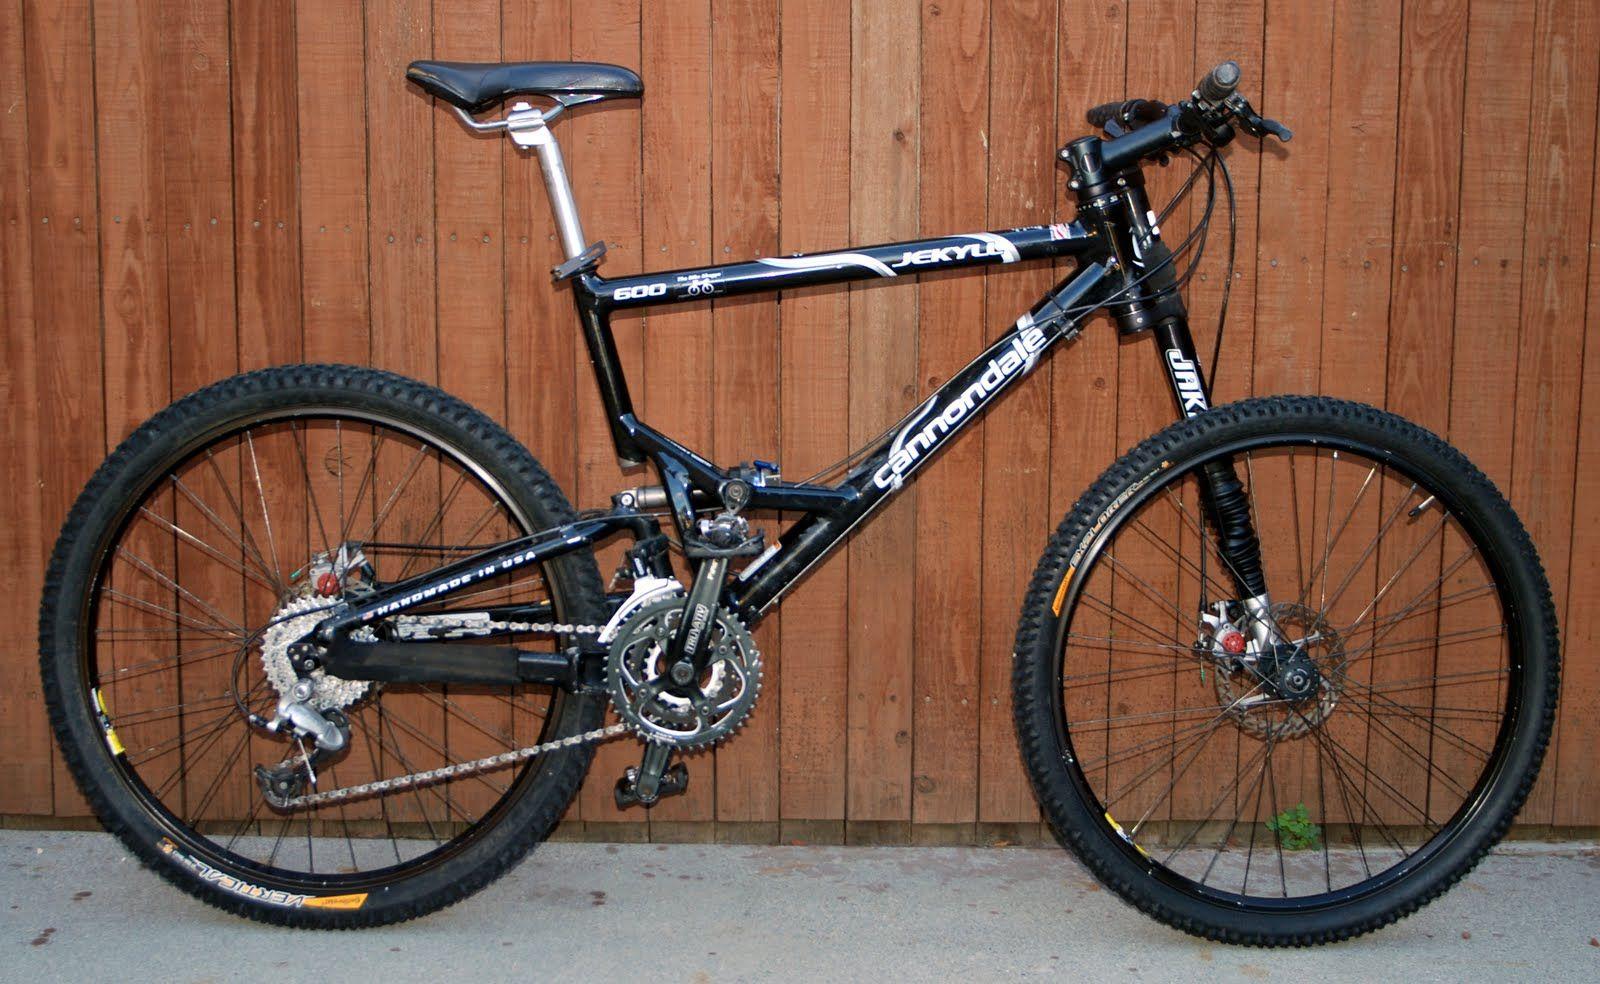 af350166c51 Cannondale Jekyll 1000   Likes   Mt bike, Mtb, Bike